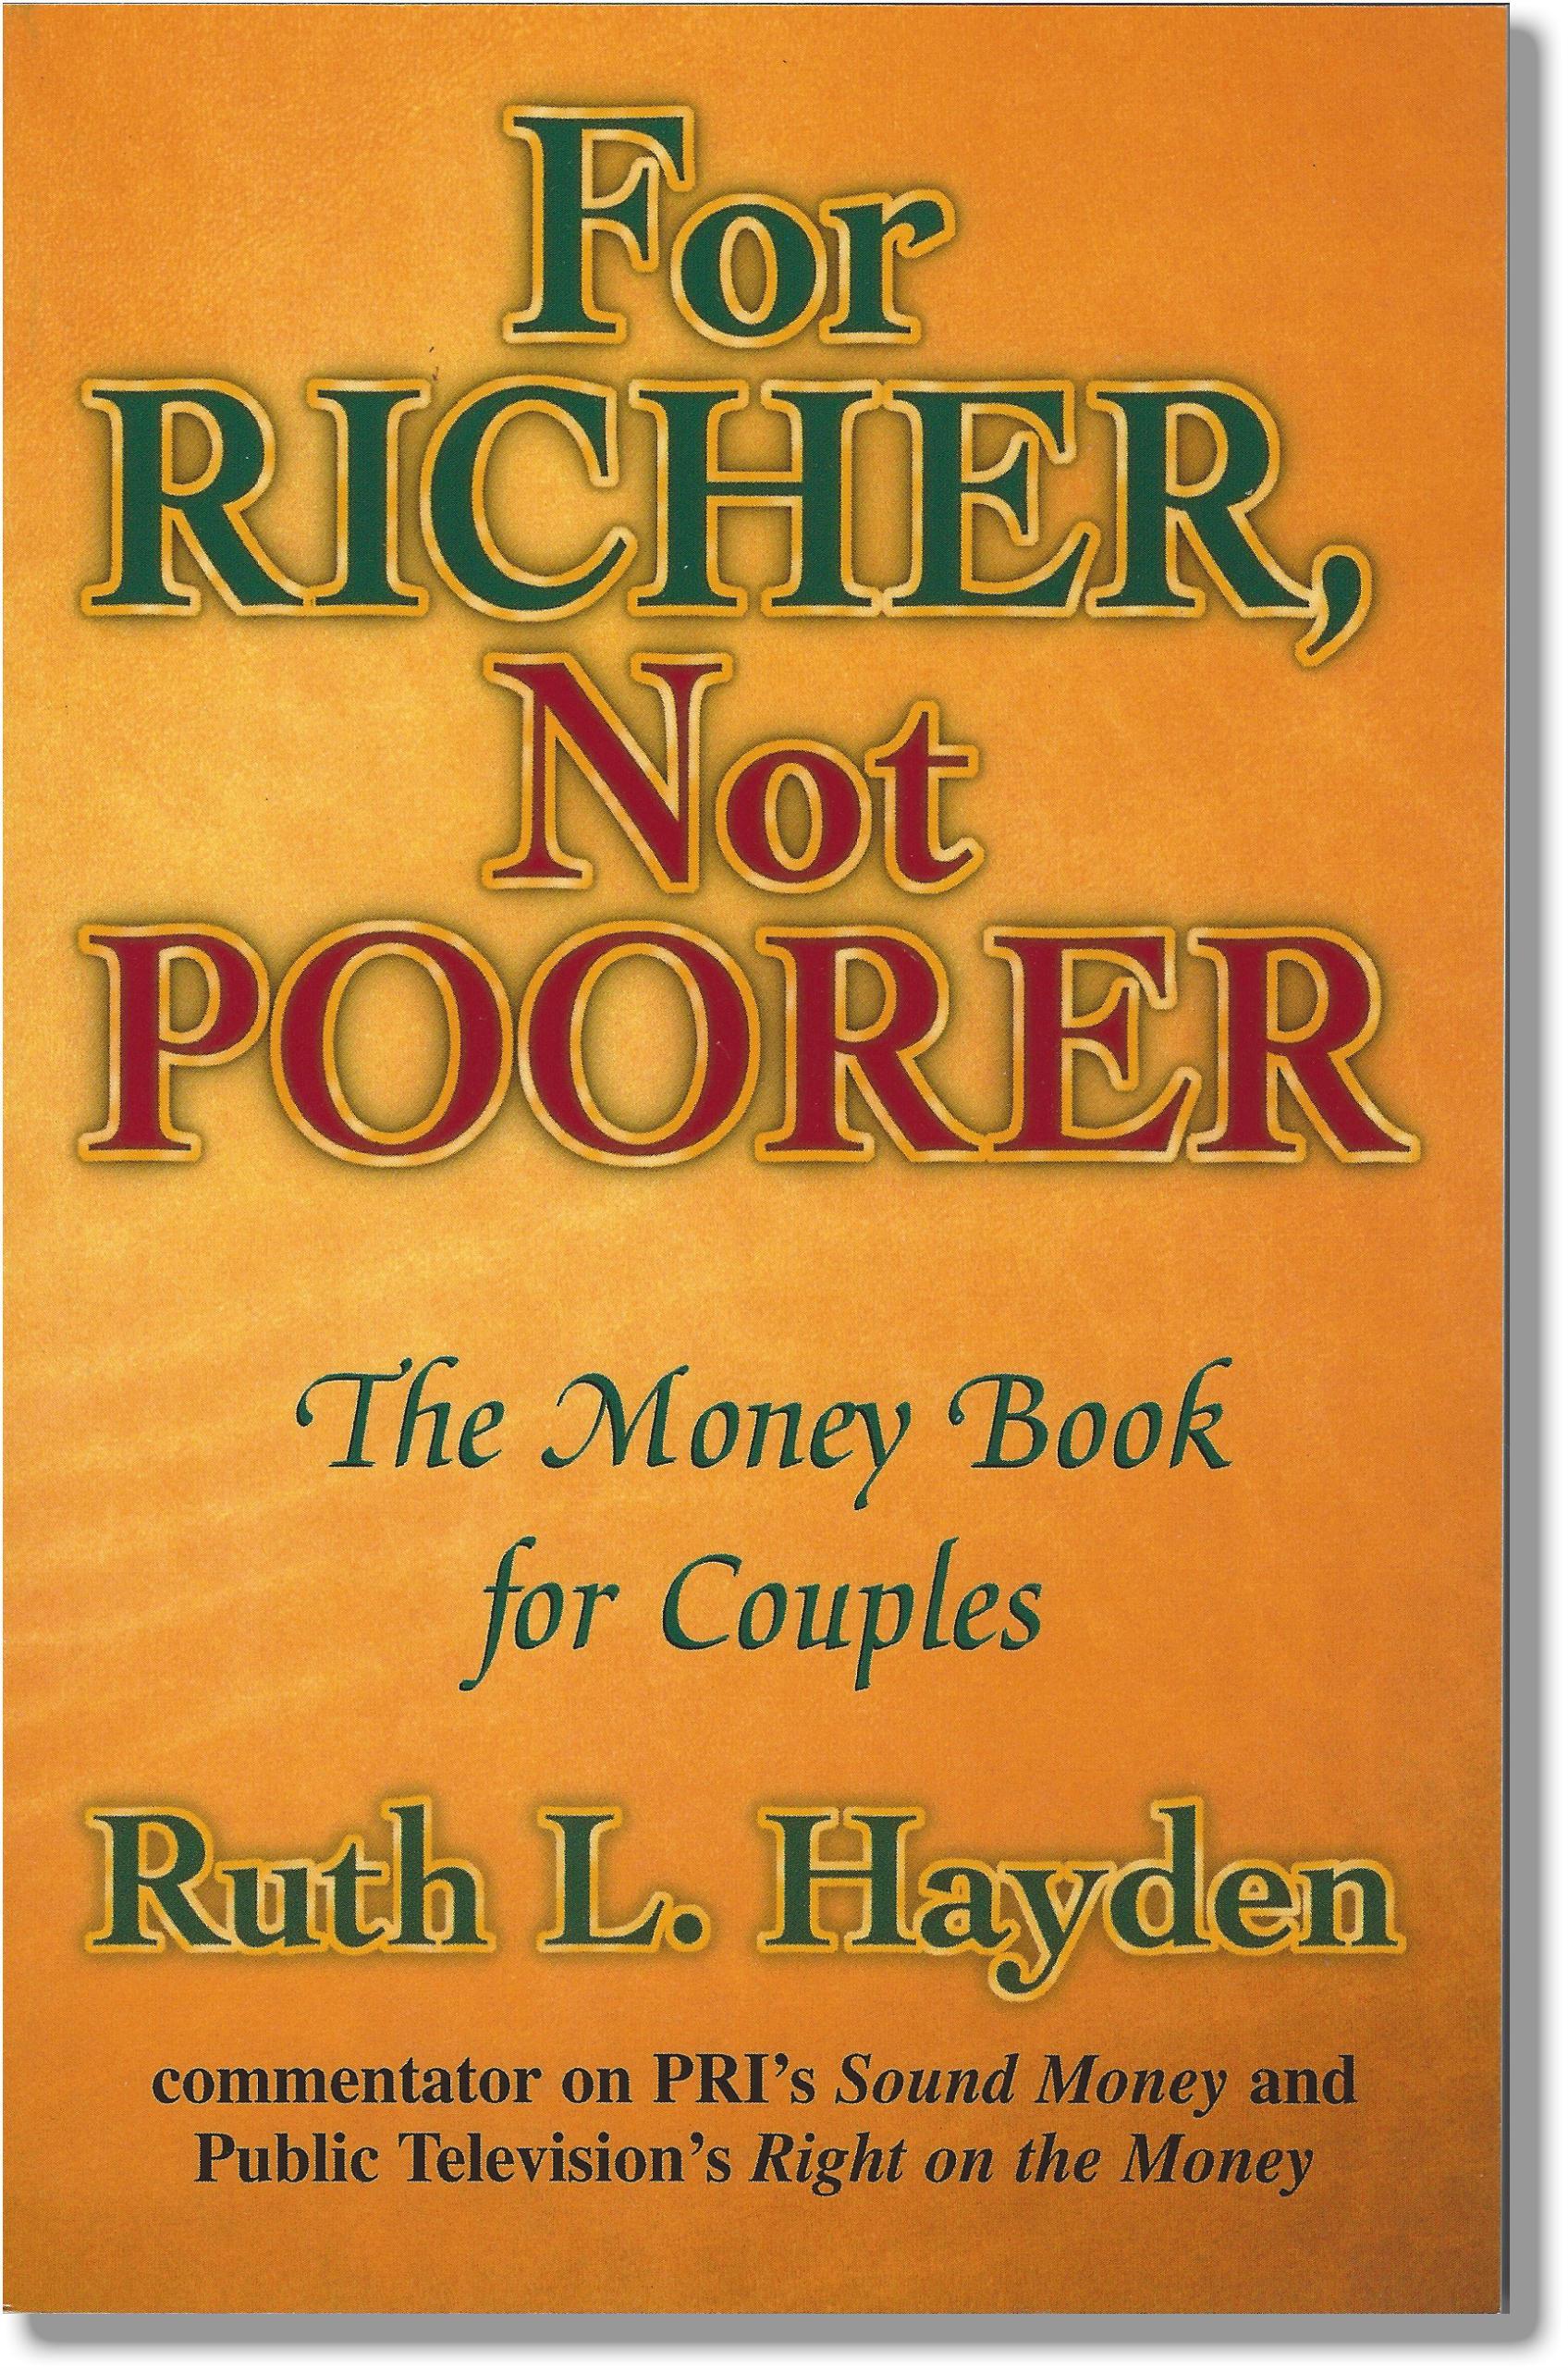 For Richer Not Poorer